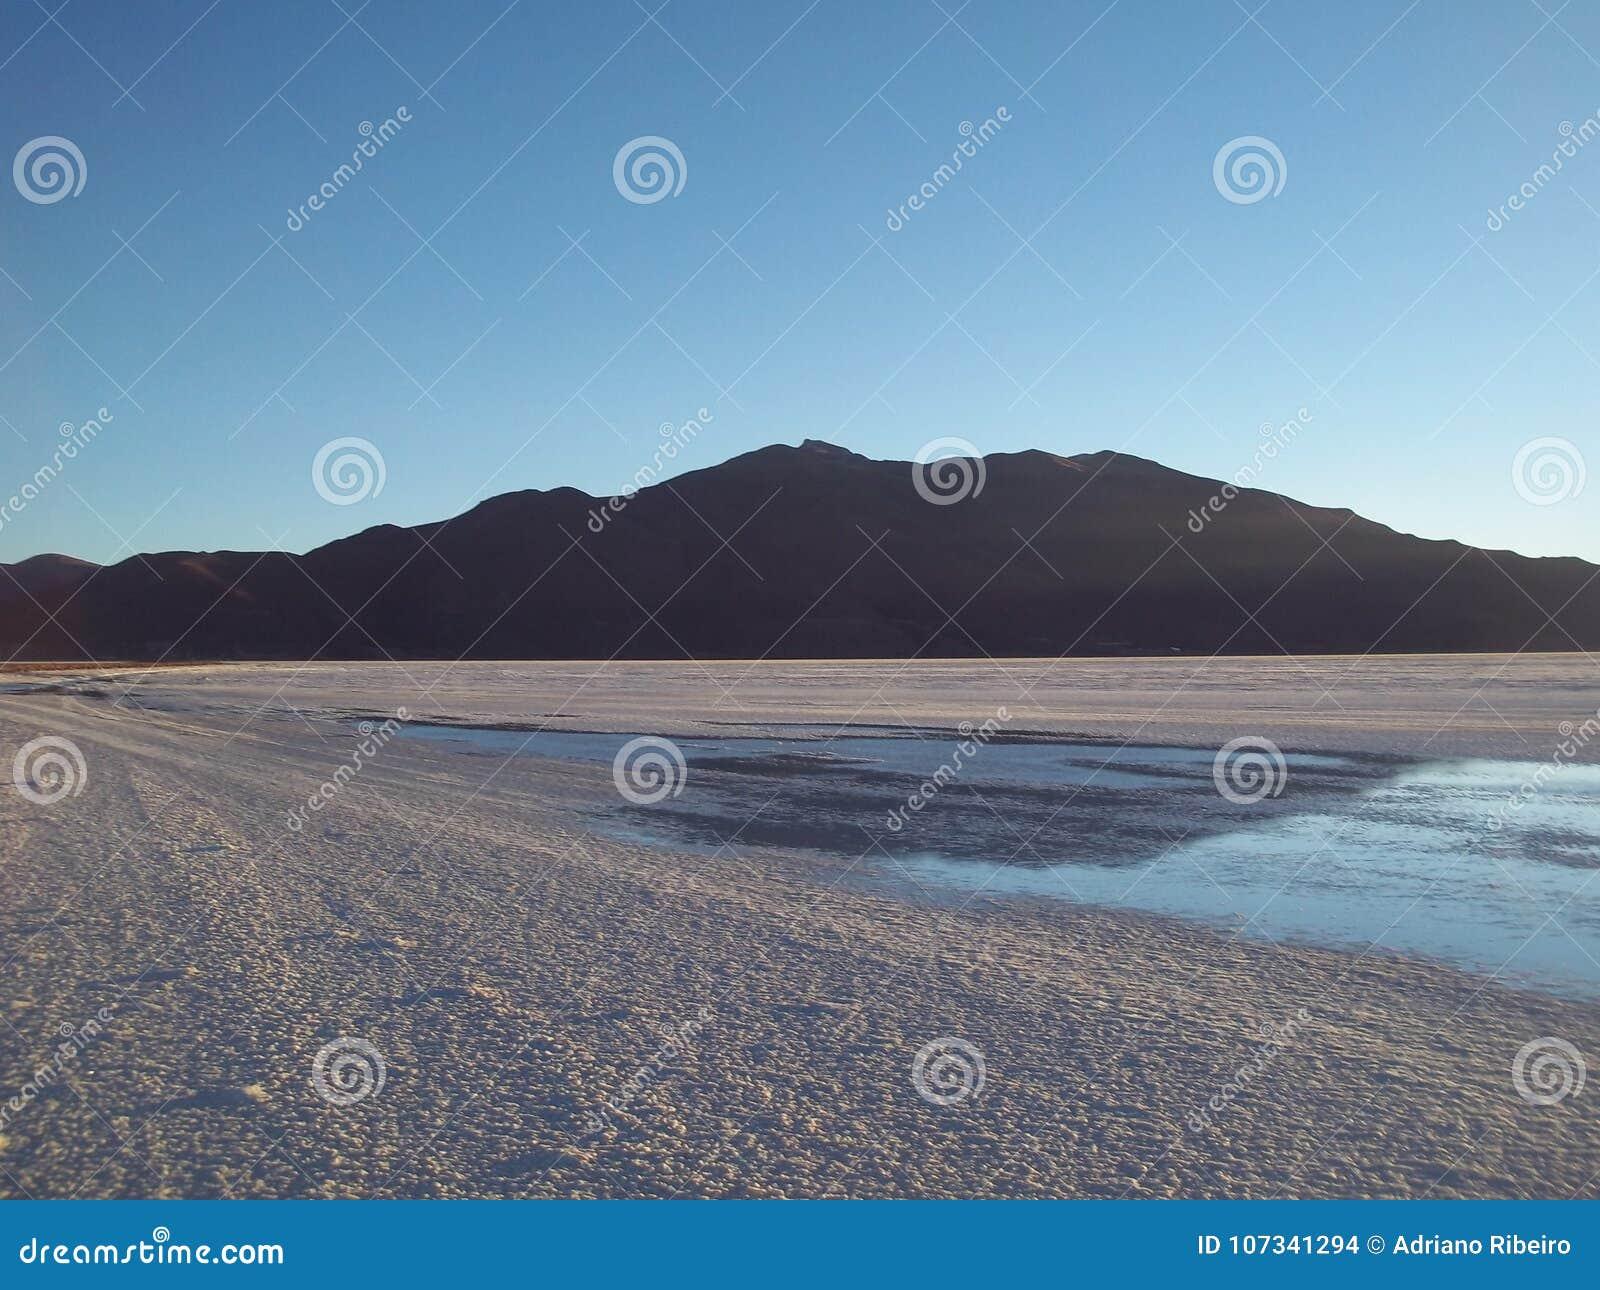 Sunset in the salt desert of Uyuni, Bolivia